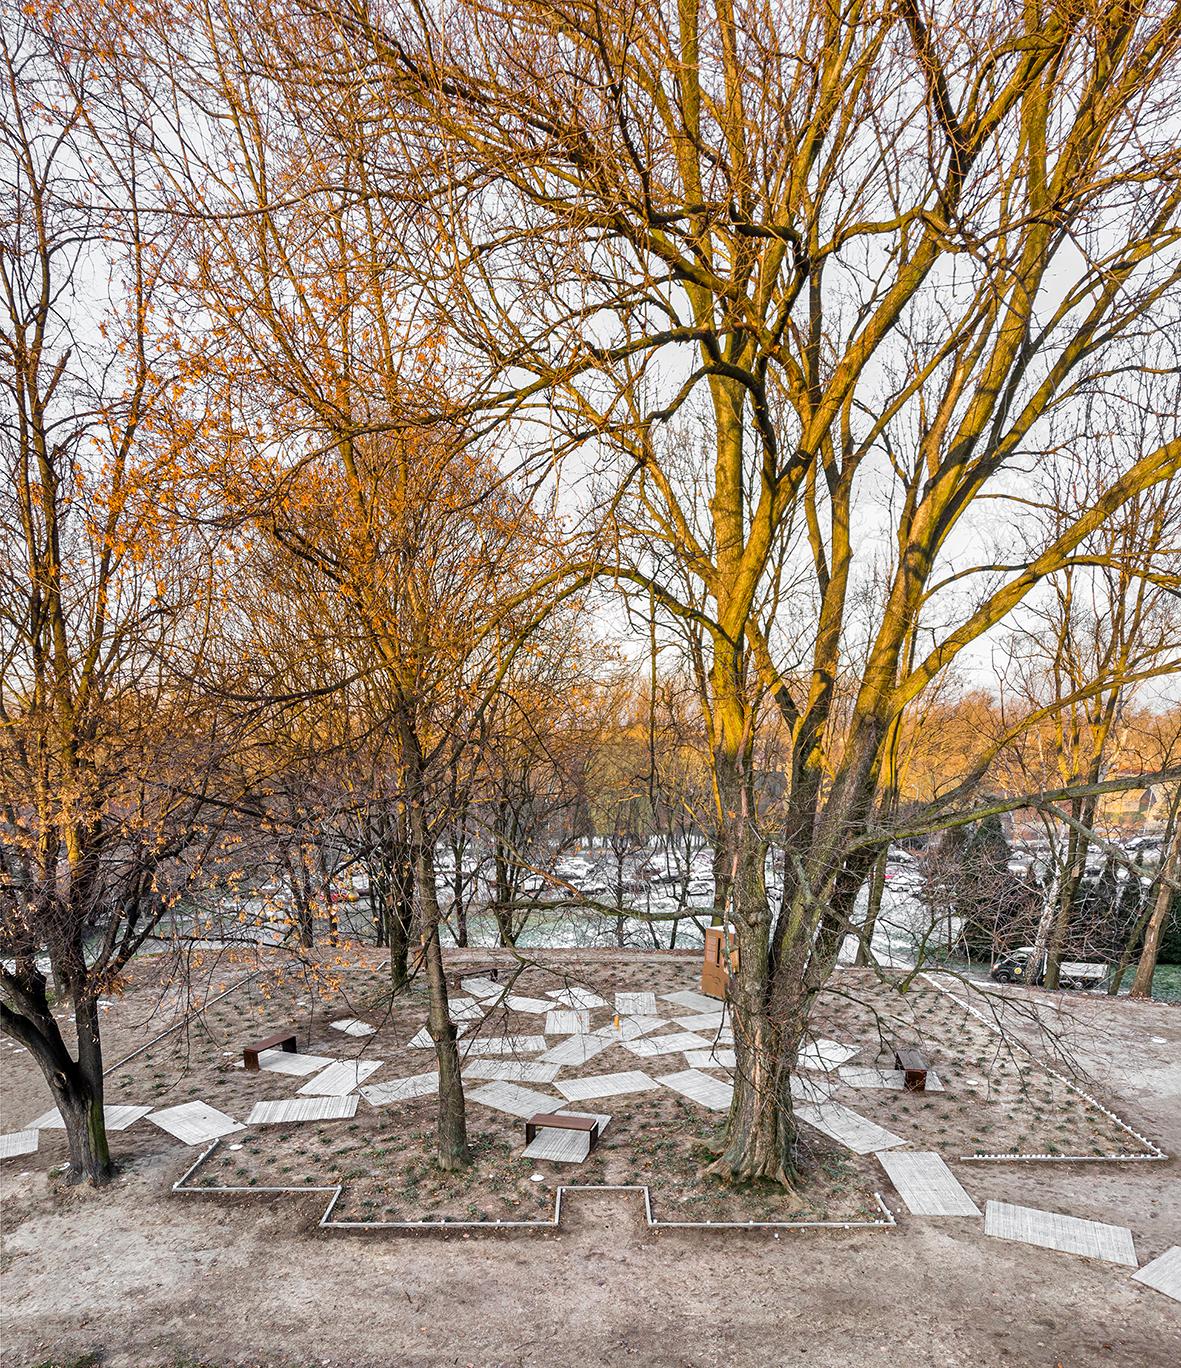 Park Pamięci Wielkiej Synagogi w Oświęcimiu